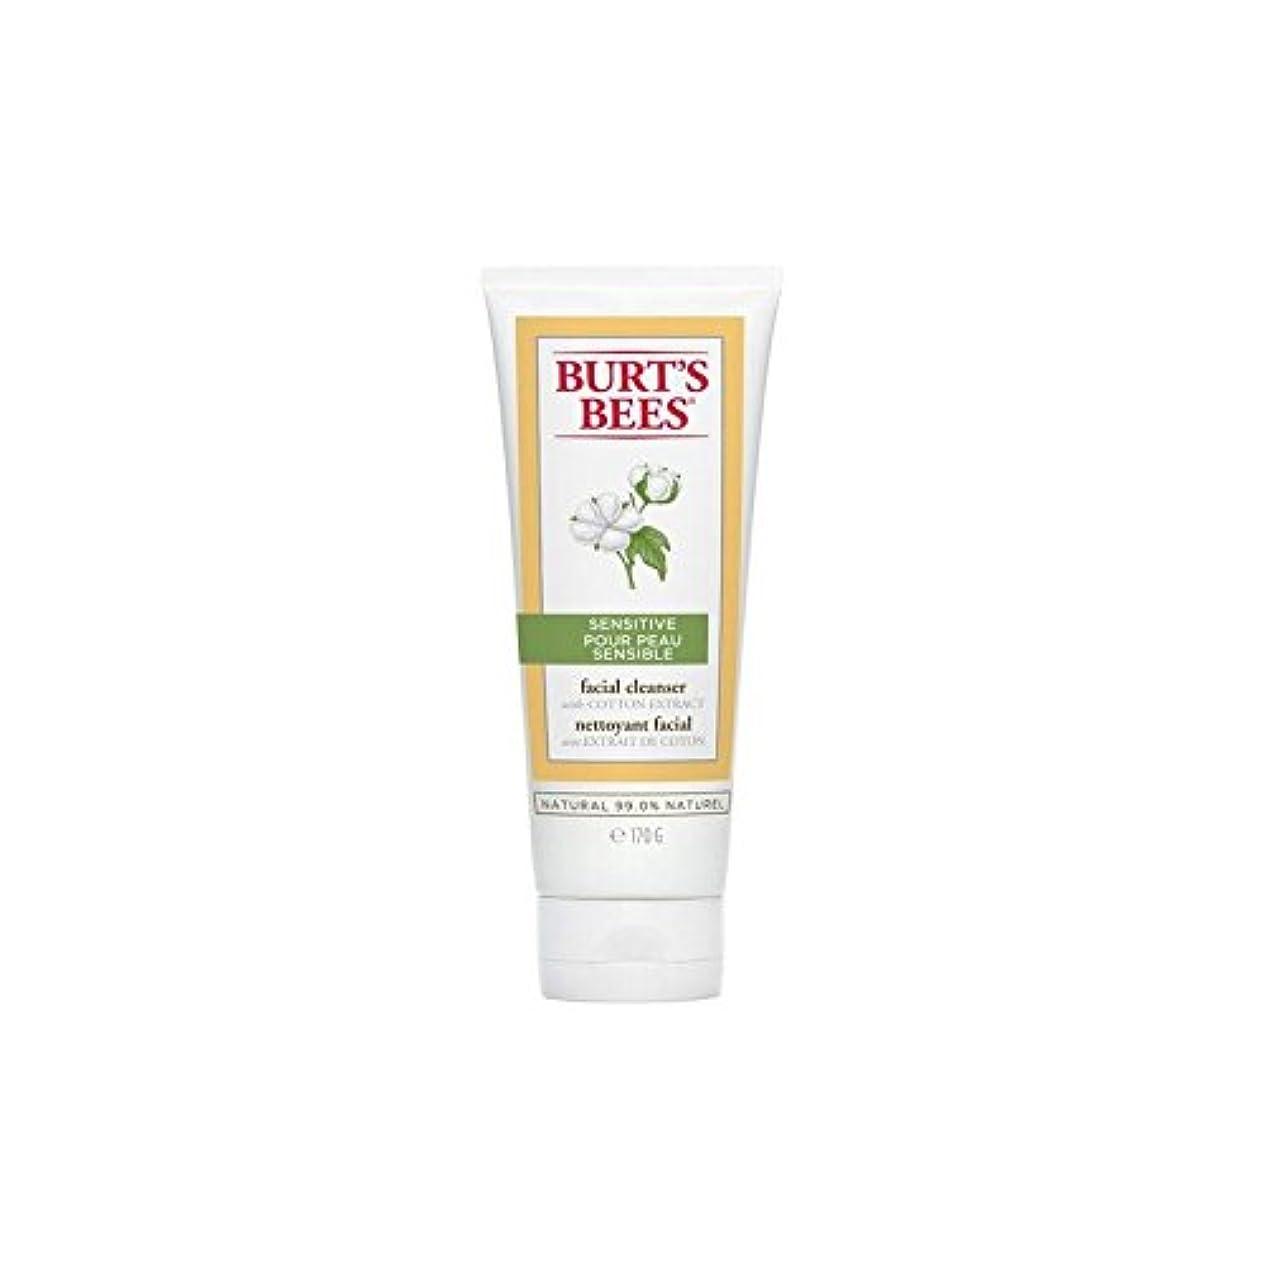 入札強制的本土バーツビー敏感な洗顔料の170グラム x2 - Burt's Bees Sensitive Facial Cleanser 170G (Pack of 2) [並行輸入品]